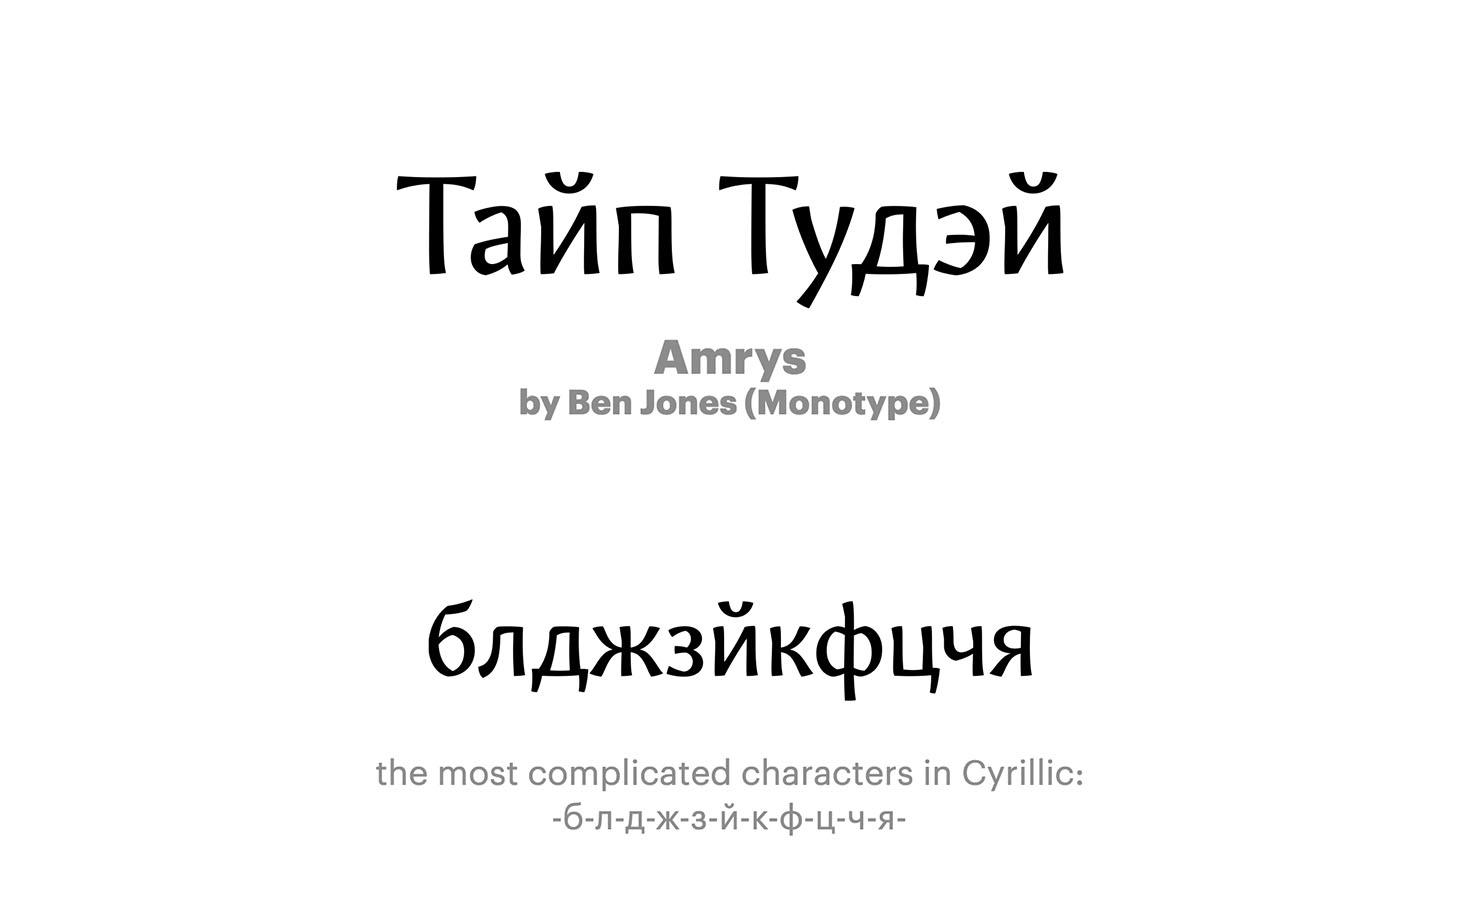 Amrys